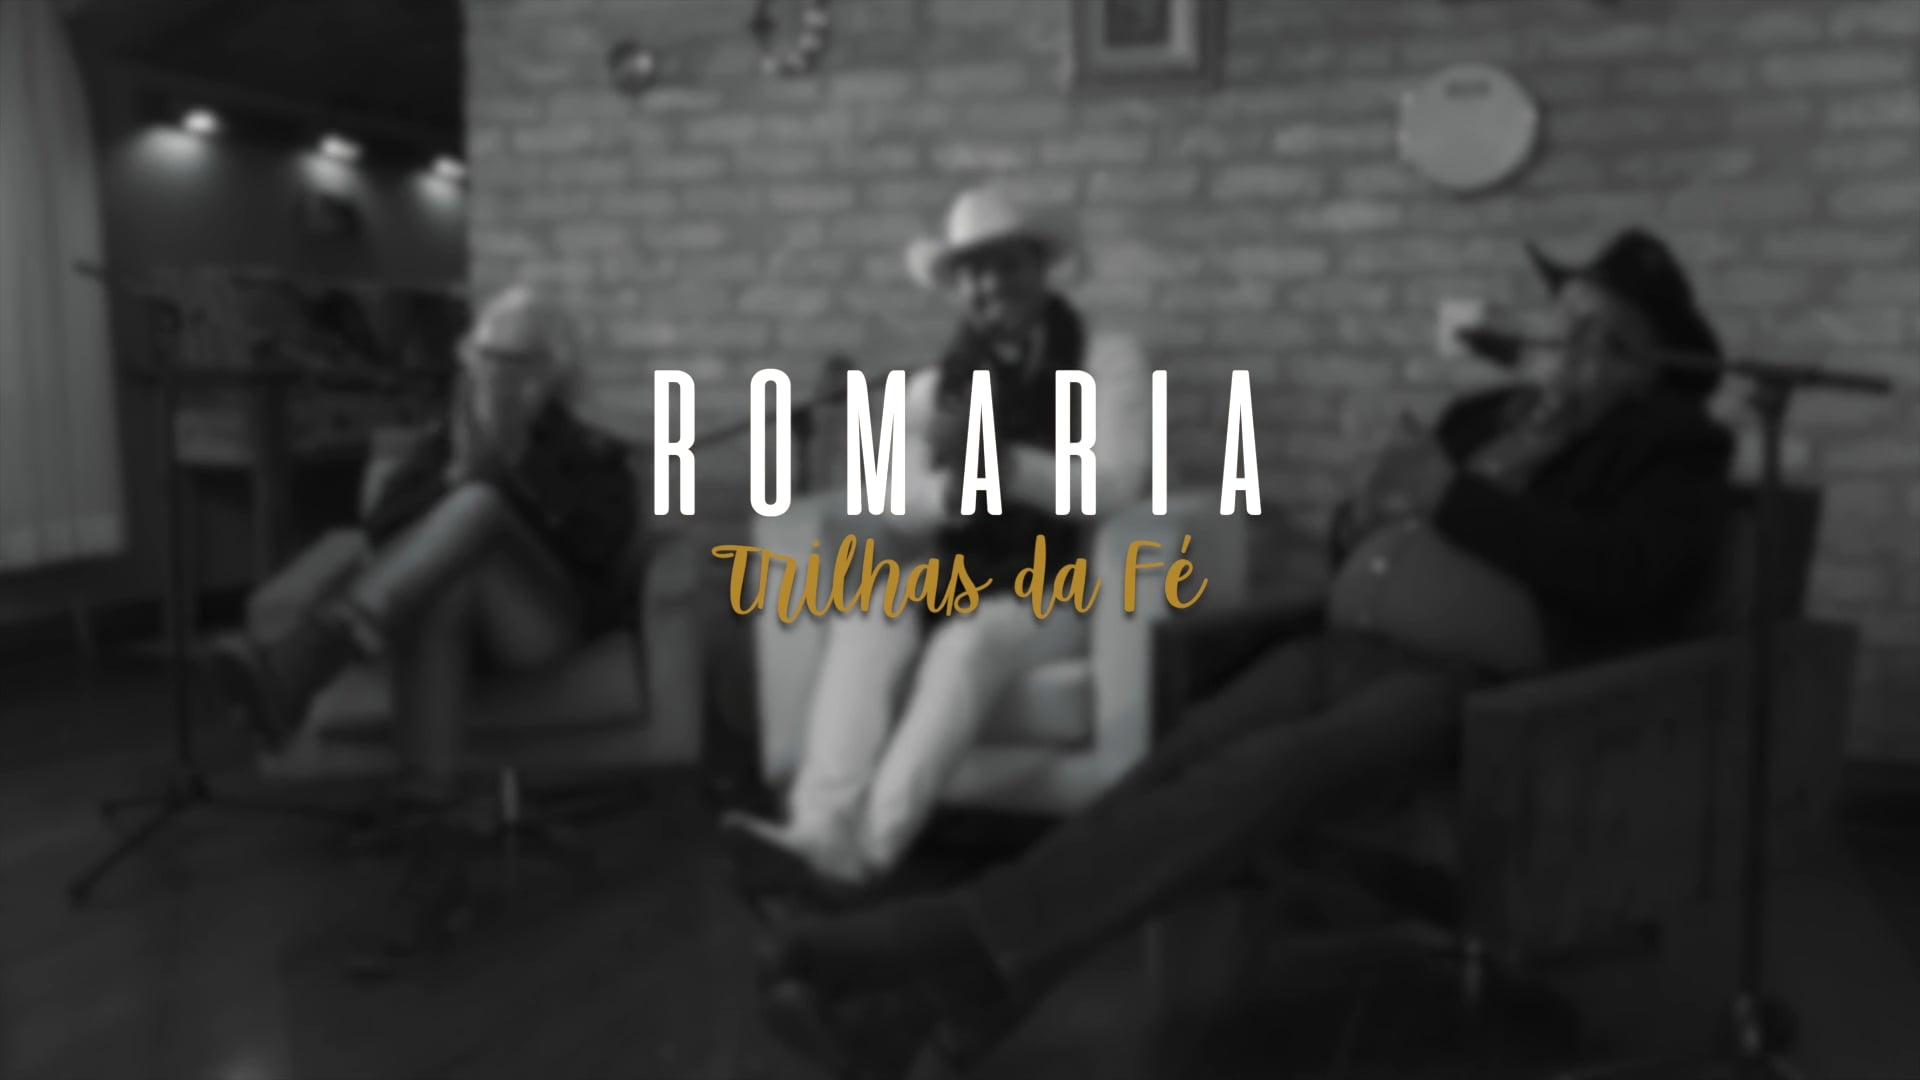 ROMARIA: Trilhas da Fé - Teaser